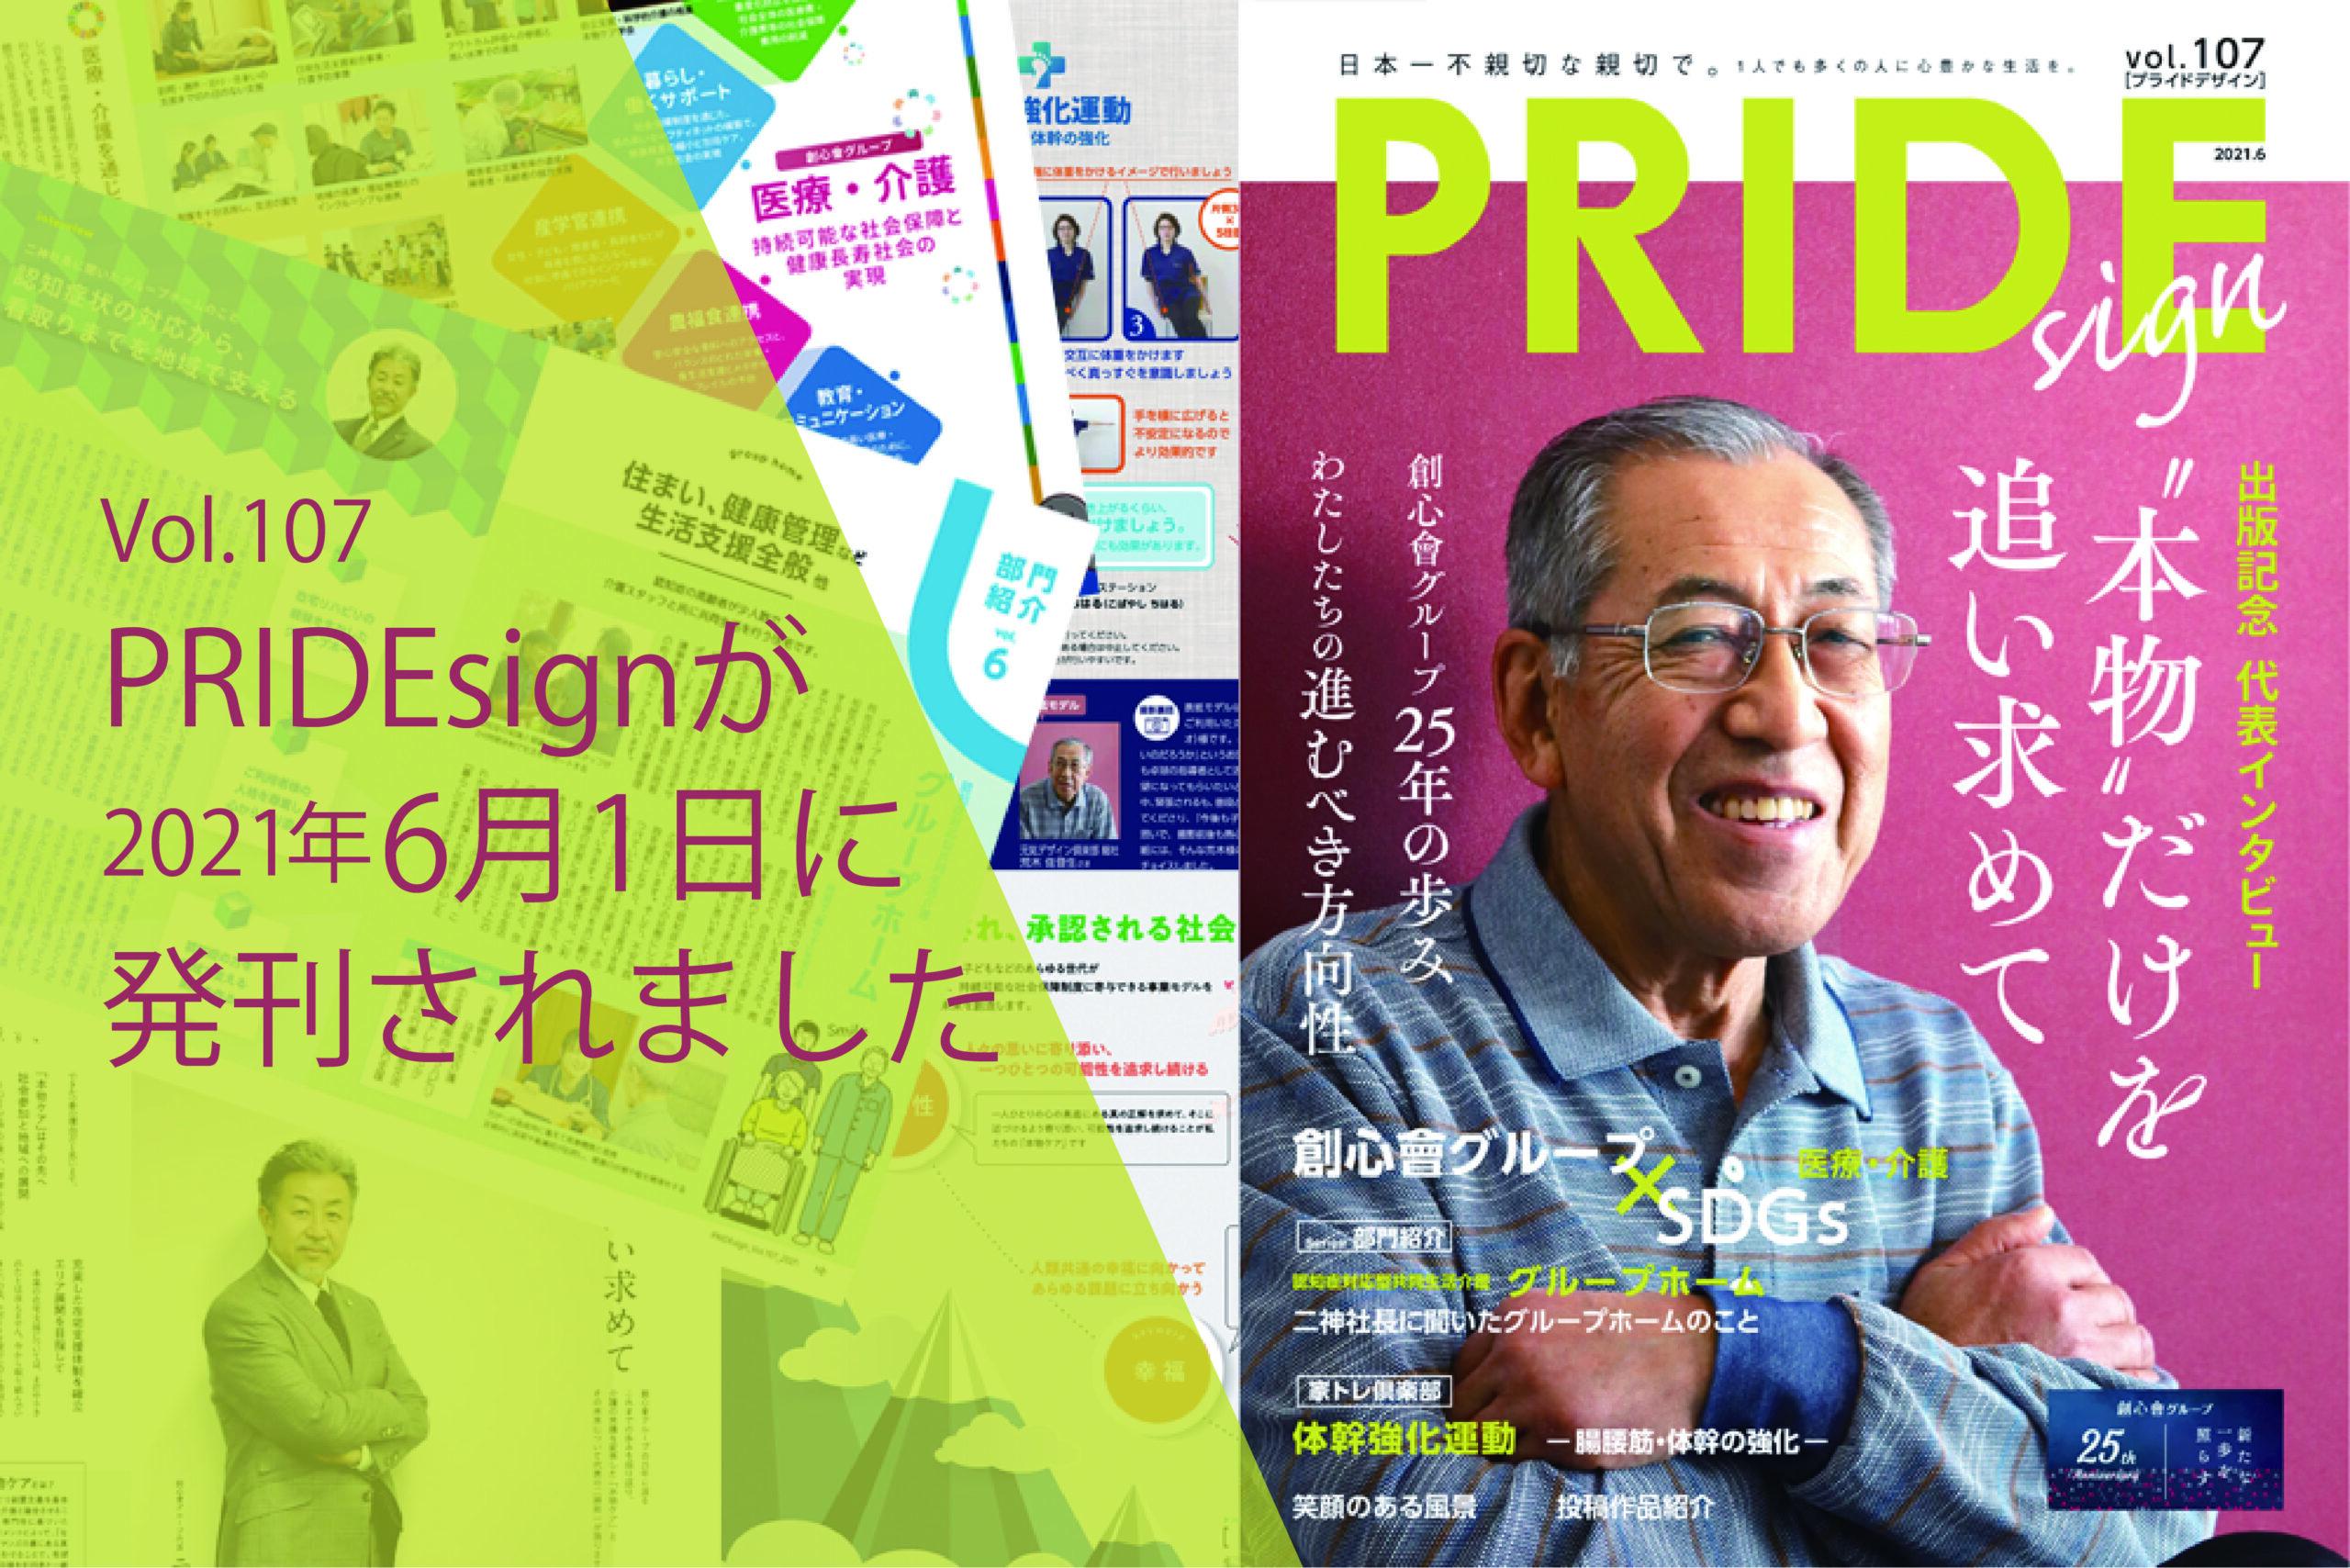 Vol.22 広報誌PRIDEsign vol.107を発刊しました